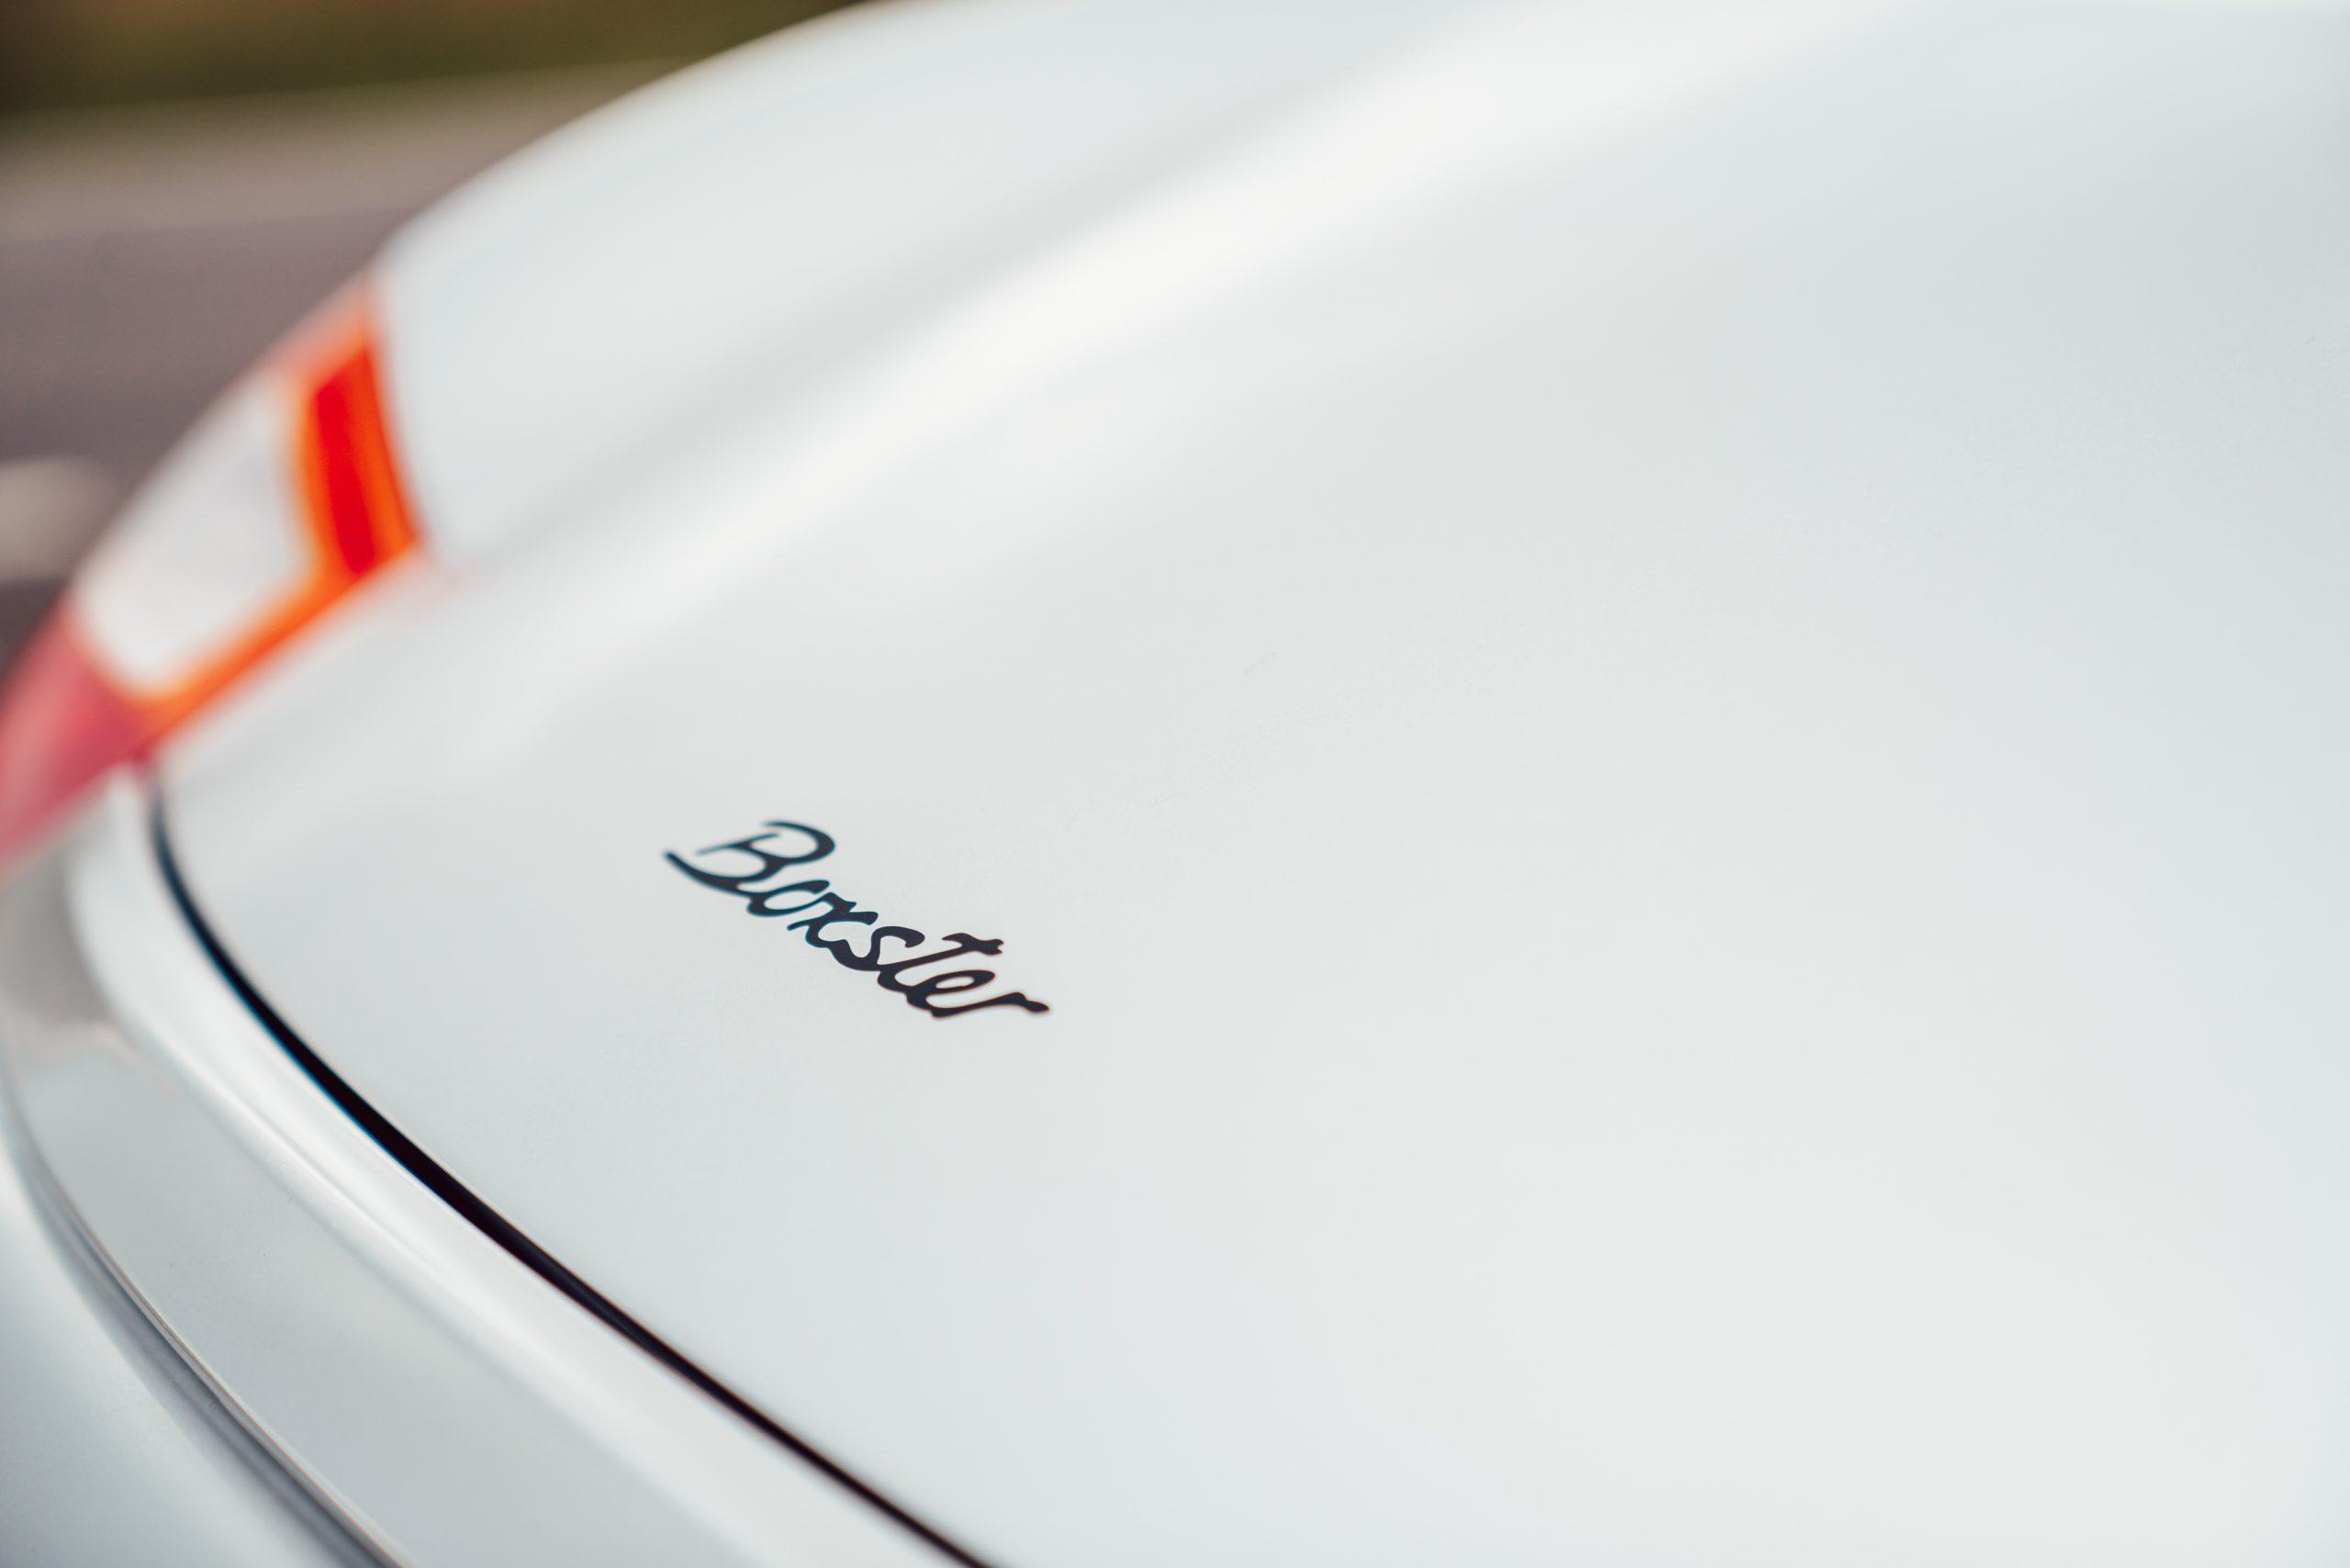 Porsche Boxster 986 badge